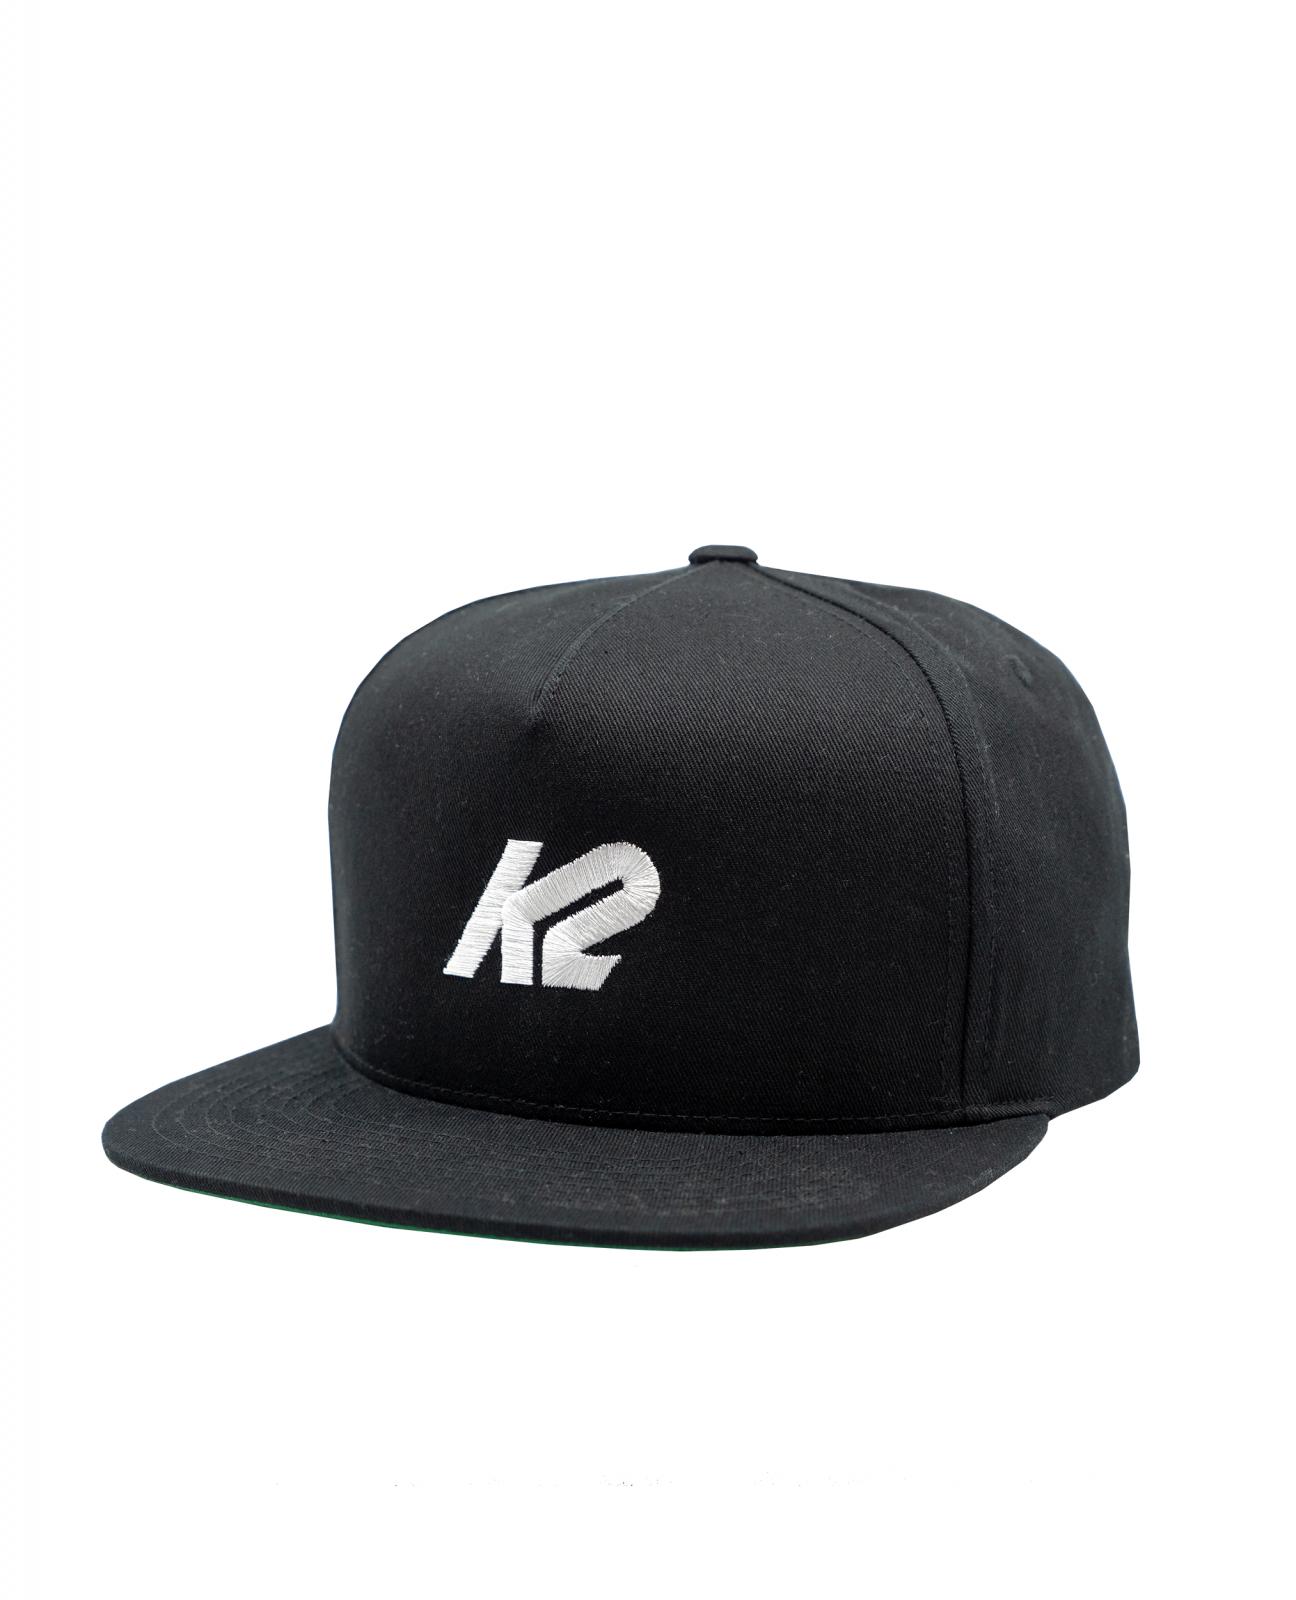 K2 5 Panel Retro Hat 2020